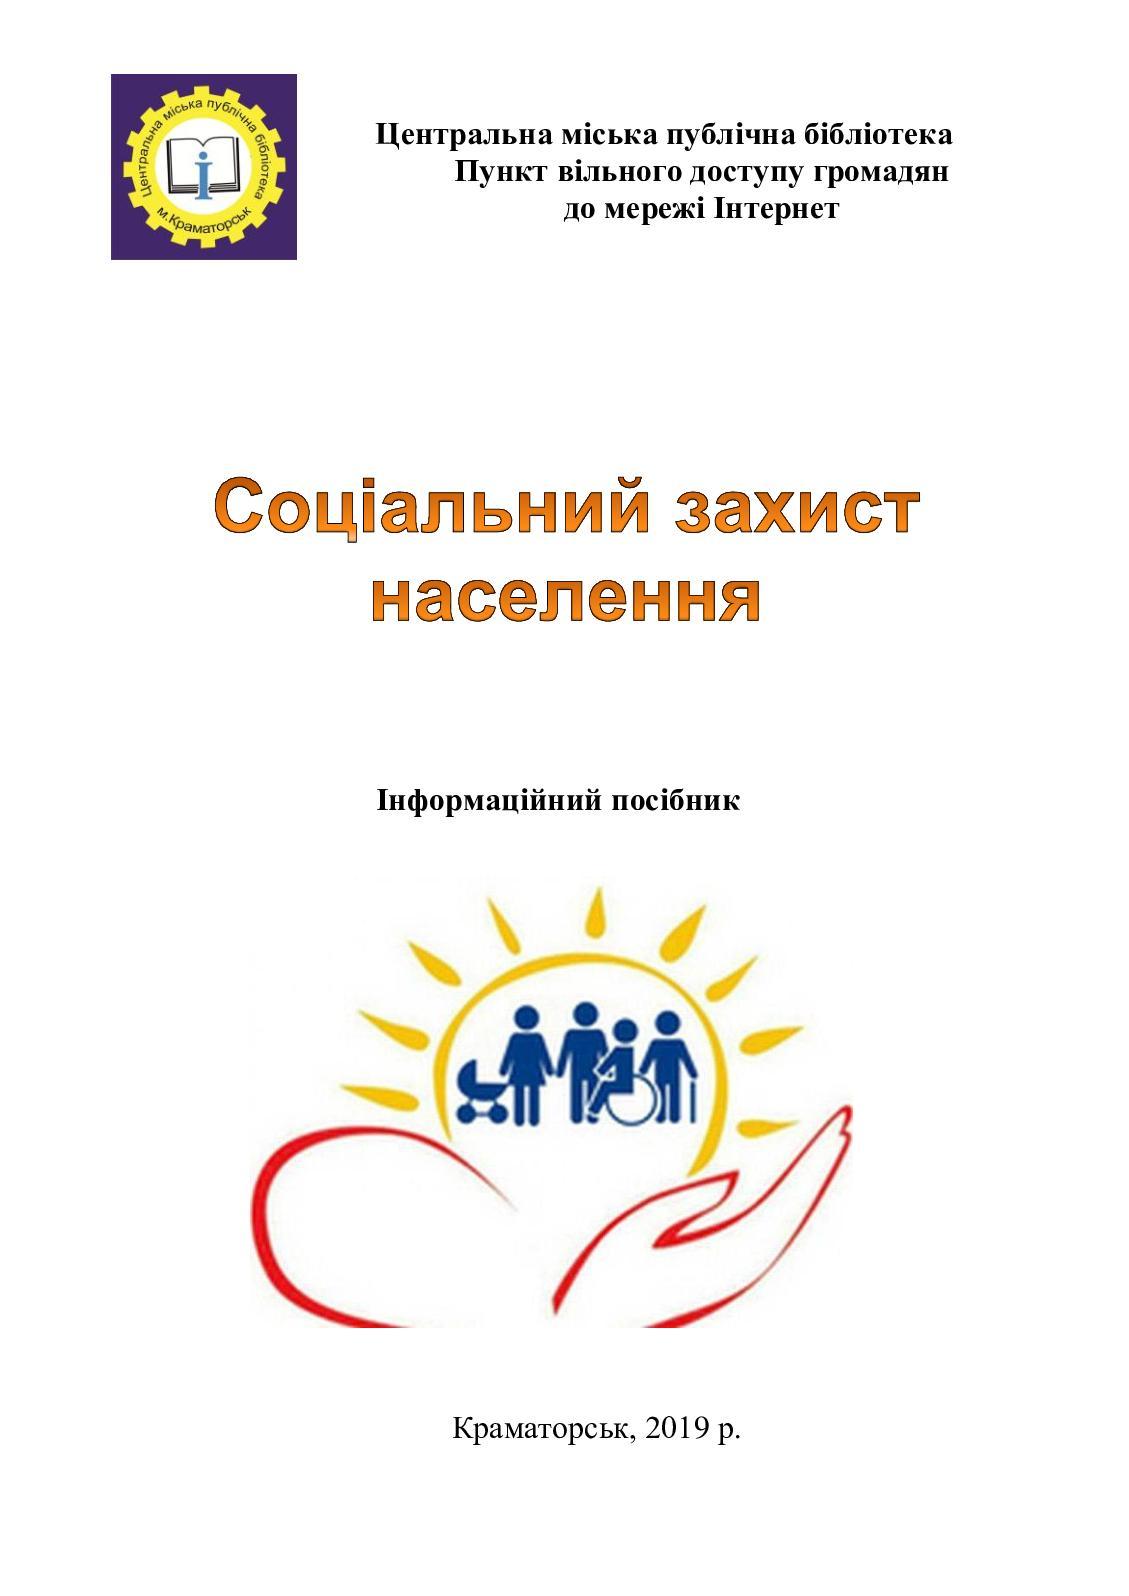 Соціальний захист населення